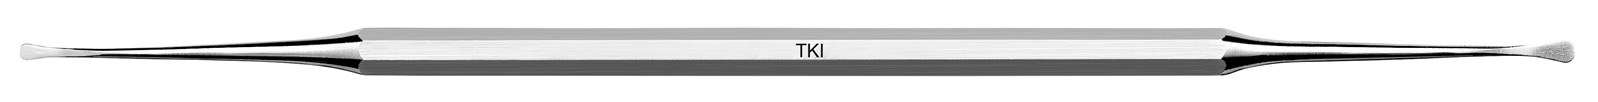 Nůž pro tunelovou techniku - TKI, Bez návleku